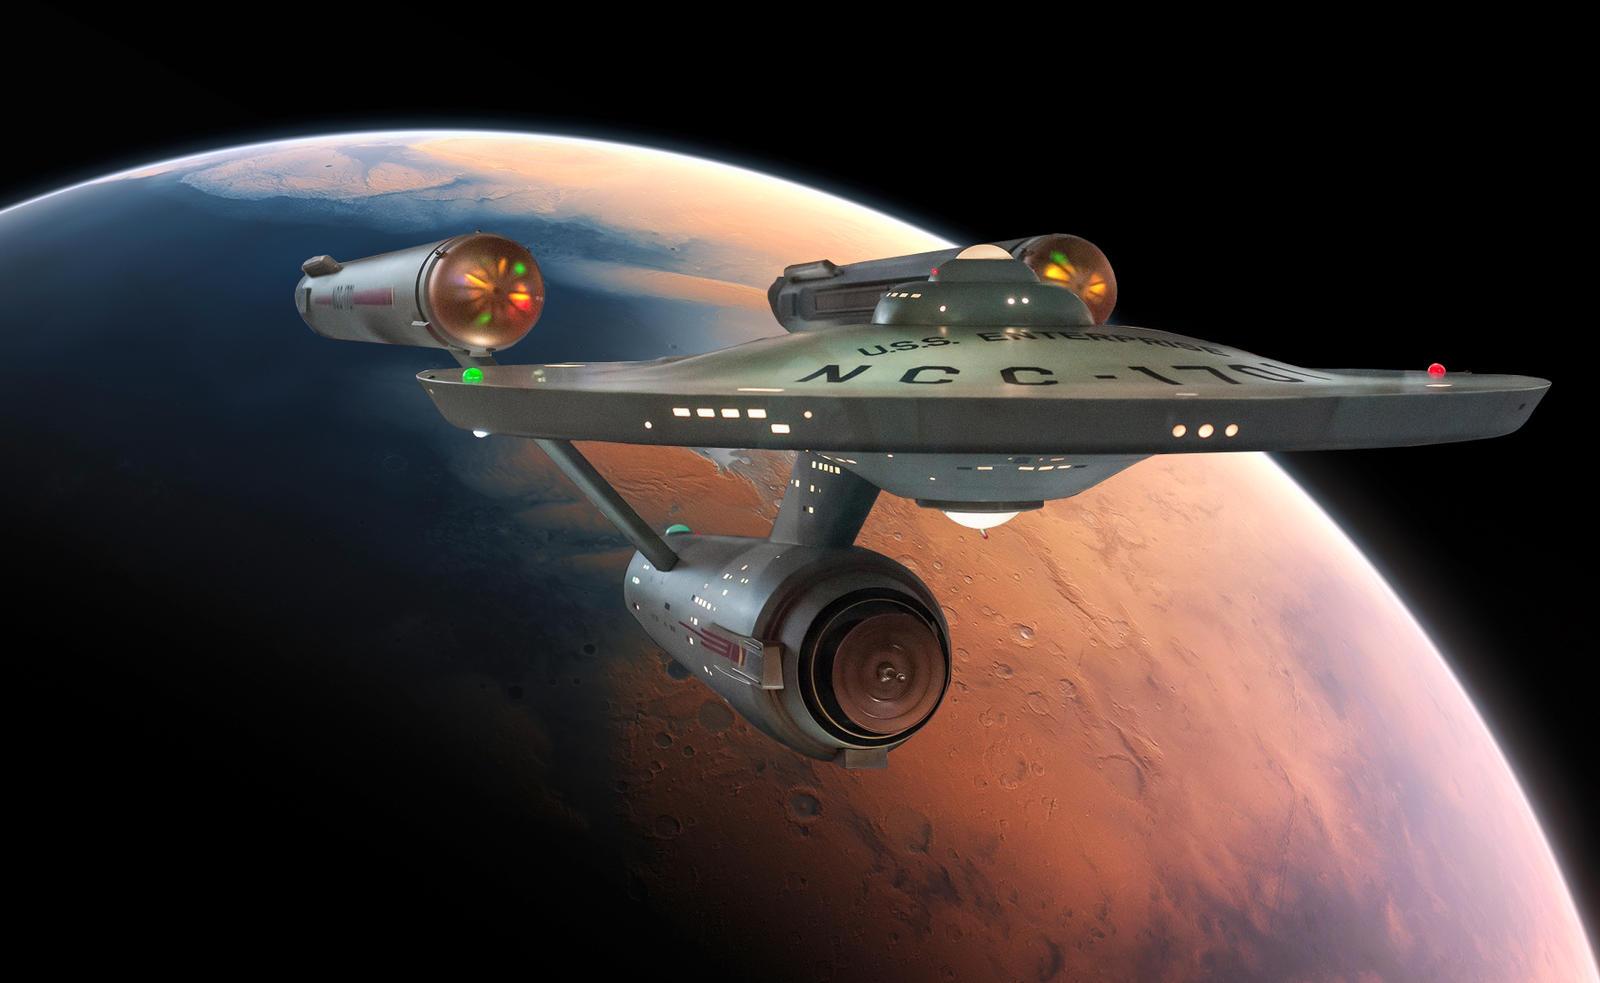 Restored Starship Enterprise Model Over Mars